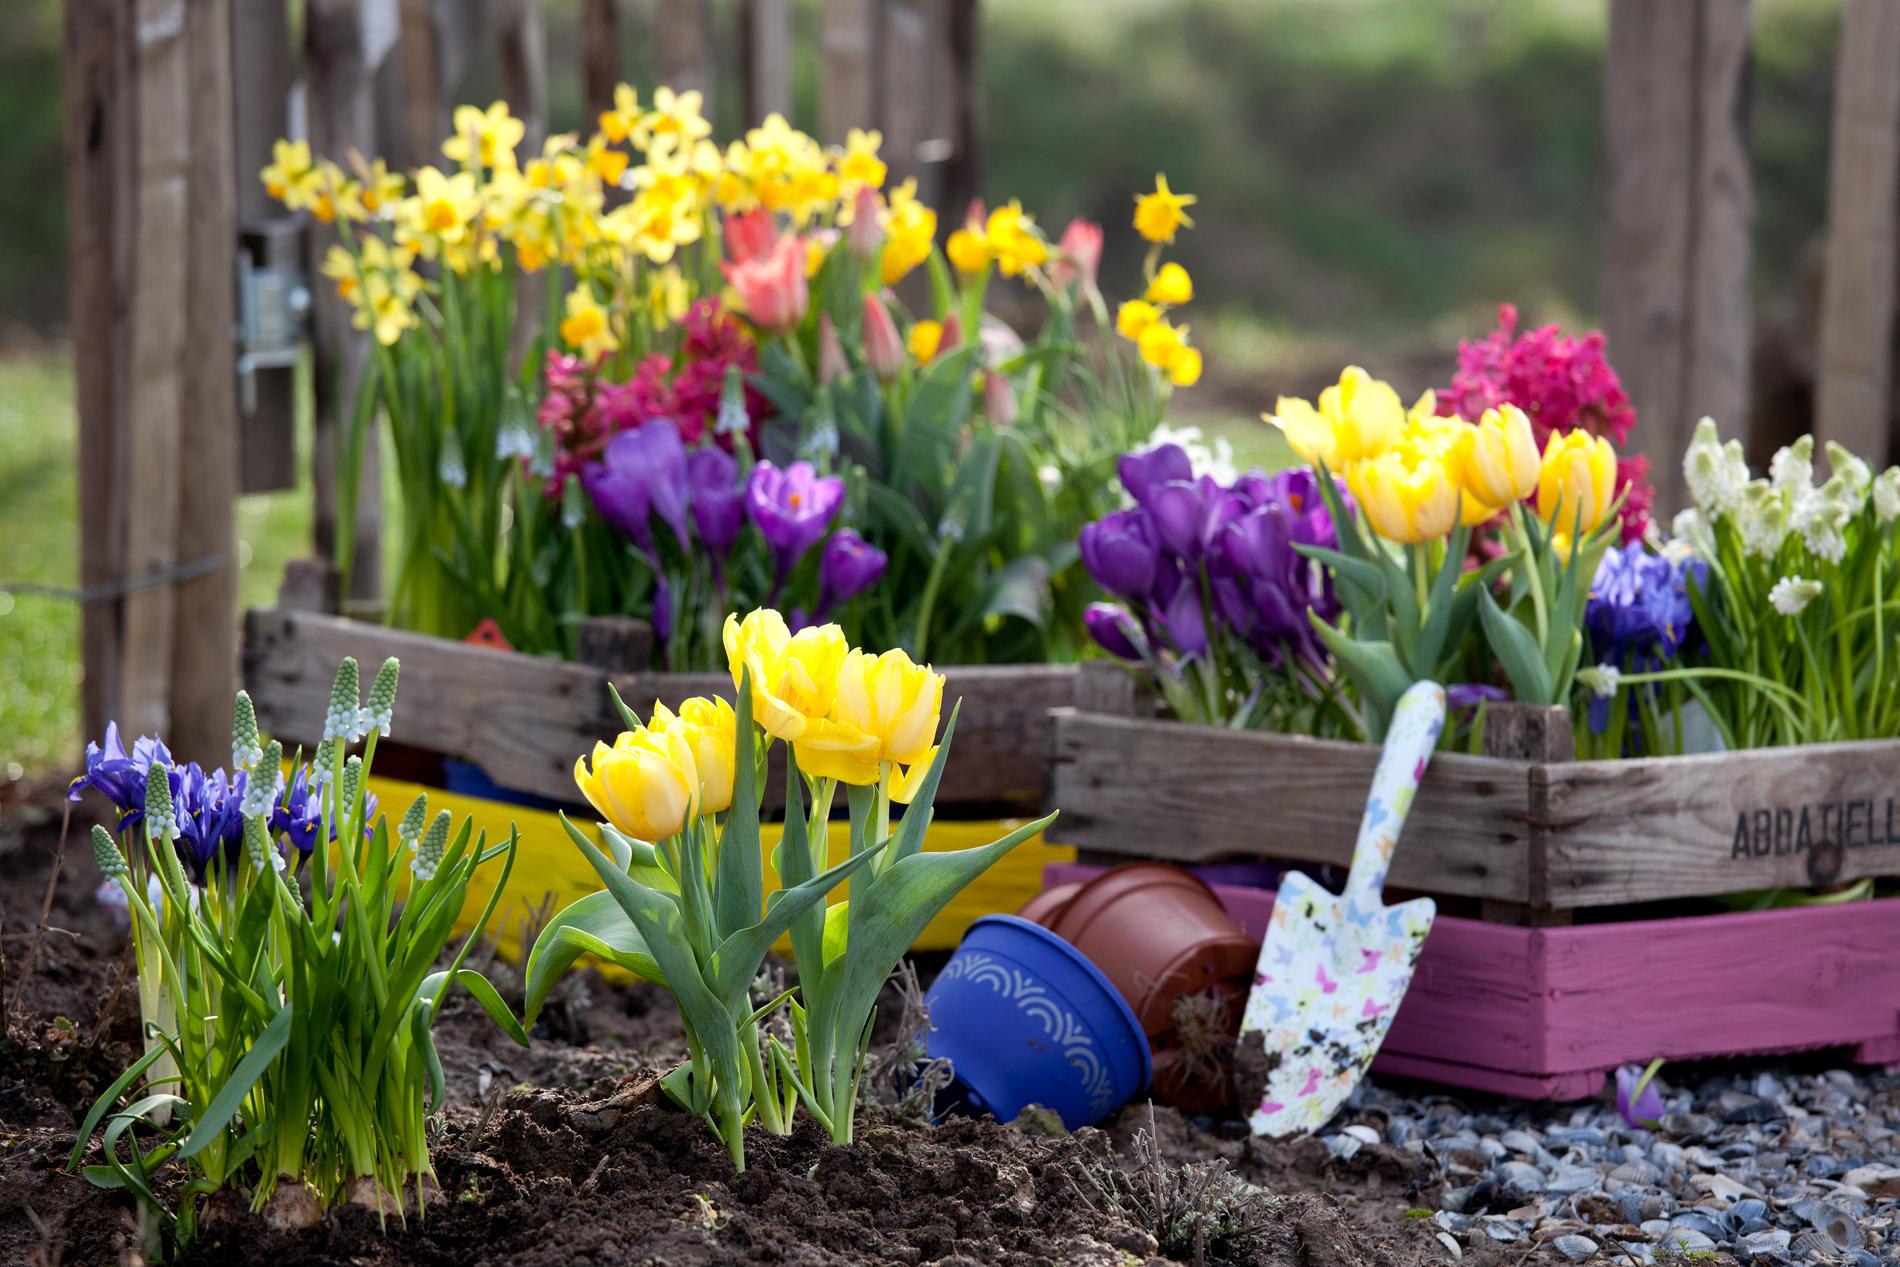 Луковичные цветы ценятся не только за прекрасное весеннее цветение, но и за возможность их выгонки в зимний период